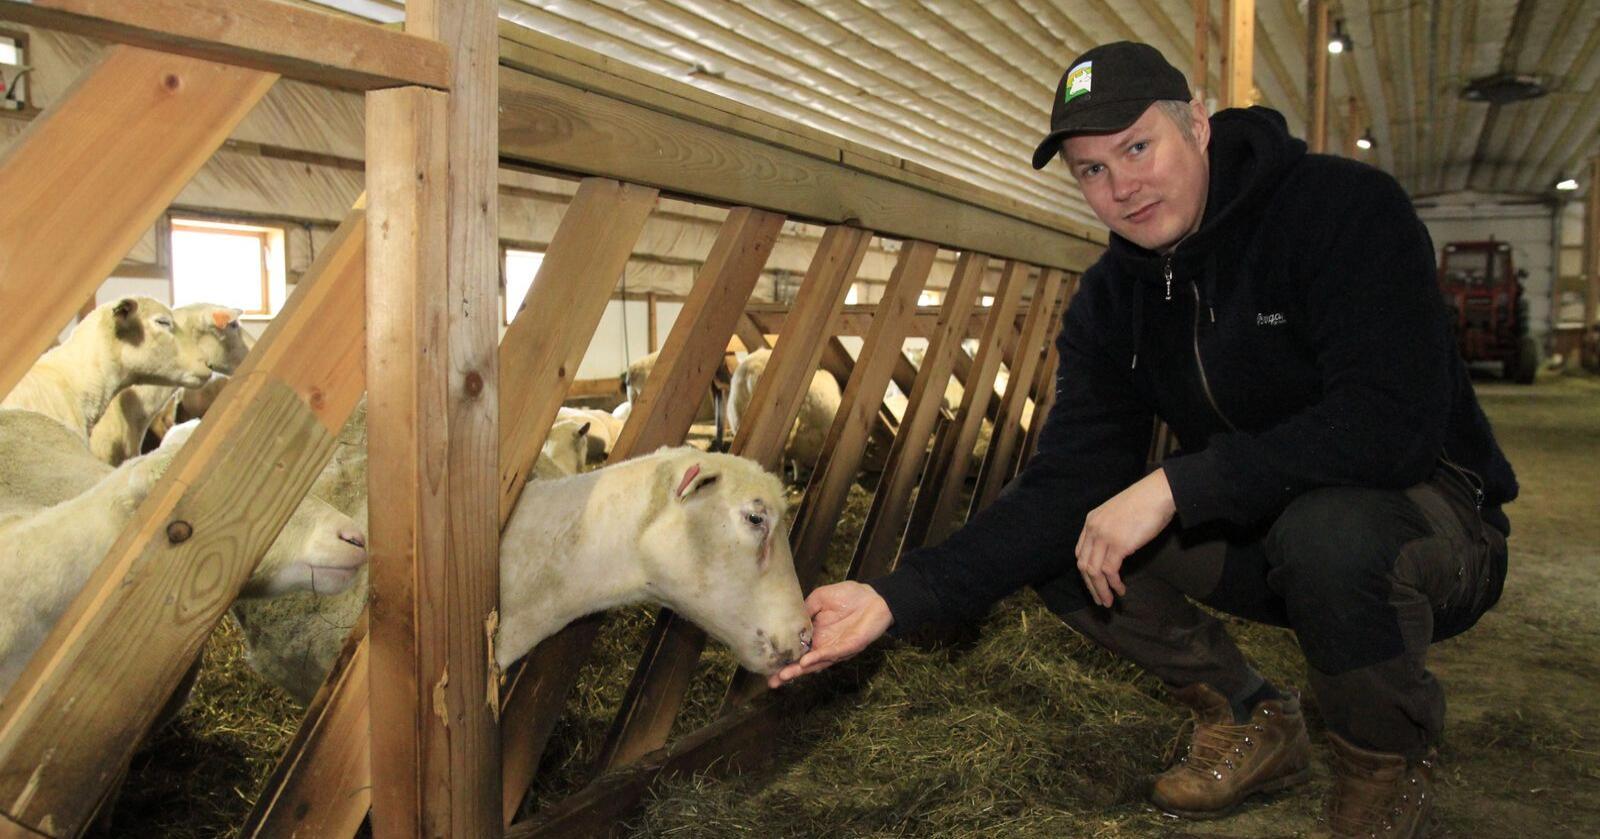 – Vi ser en økende tilstedeværelse av ulv langt utenfor de områder den tidligere har operert i, sier sauebonde Ingvald Landet i Koppang, Innlandet. Foto: Morten Berntsen